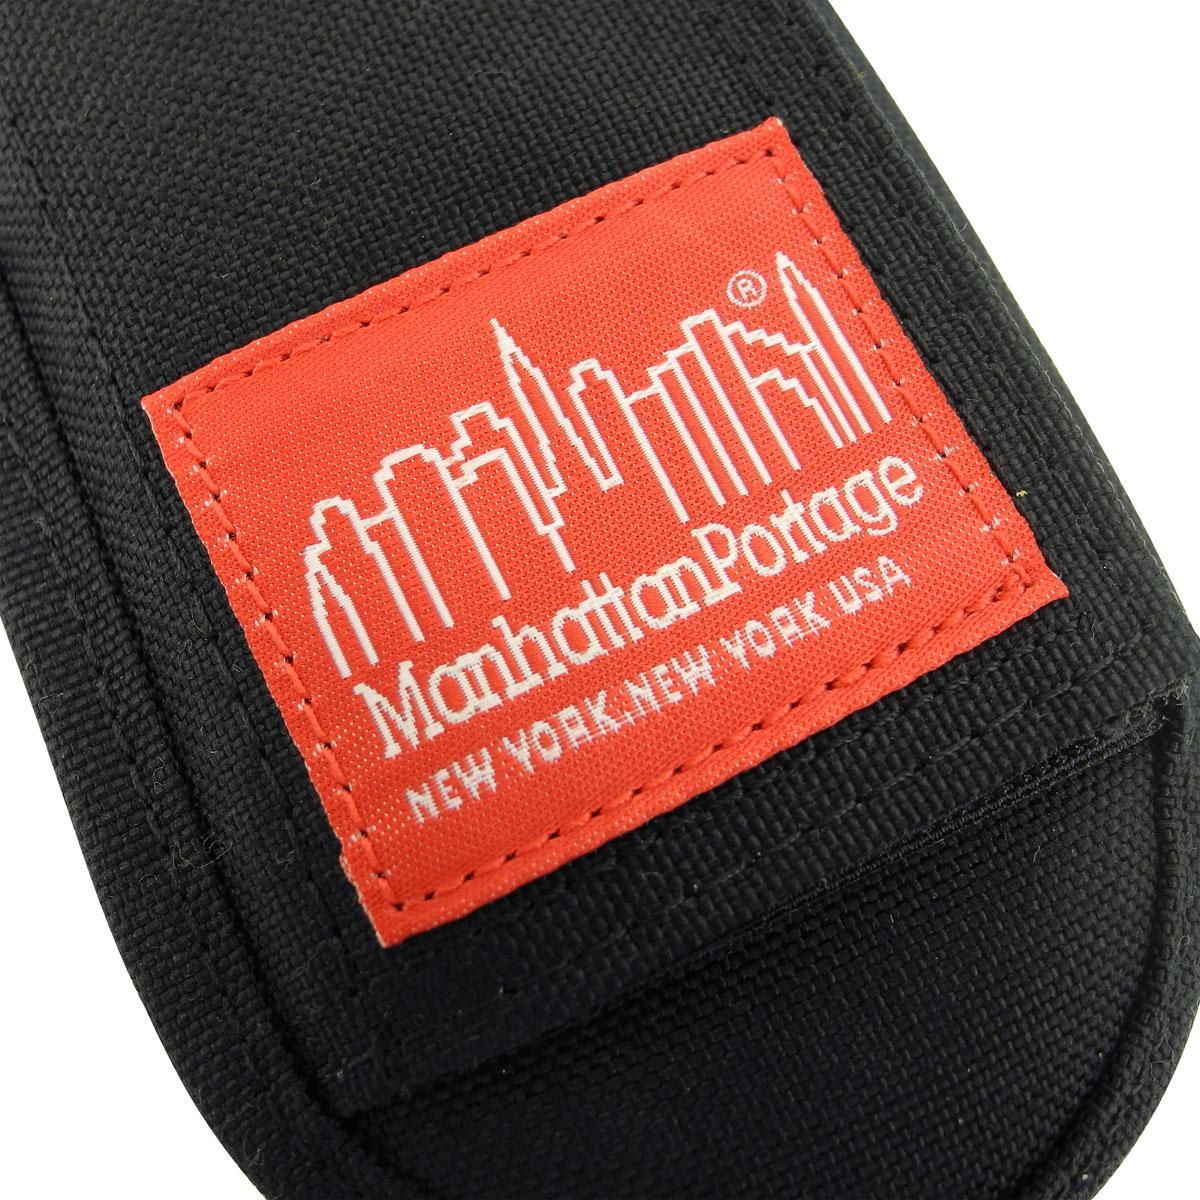 マンハッタンポーテージManhattan Portage垫肩曼哈顿MP1001乐天点数男子女子10倍1/24